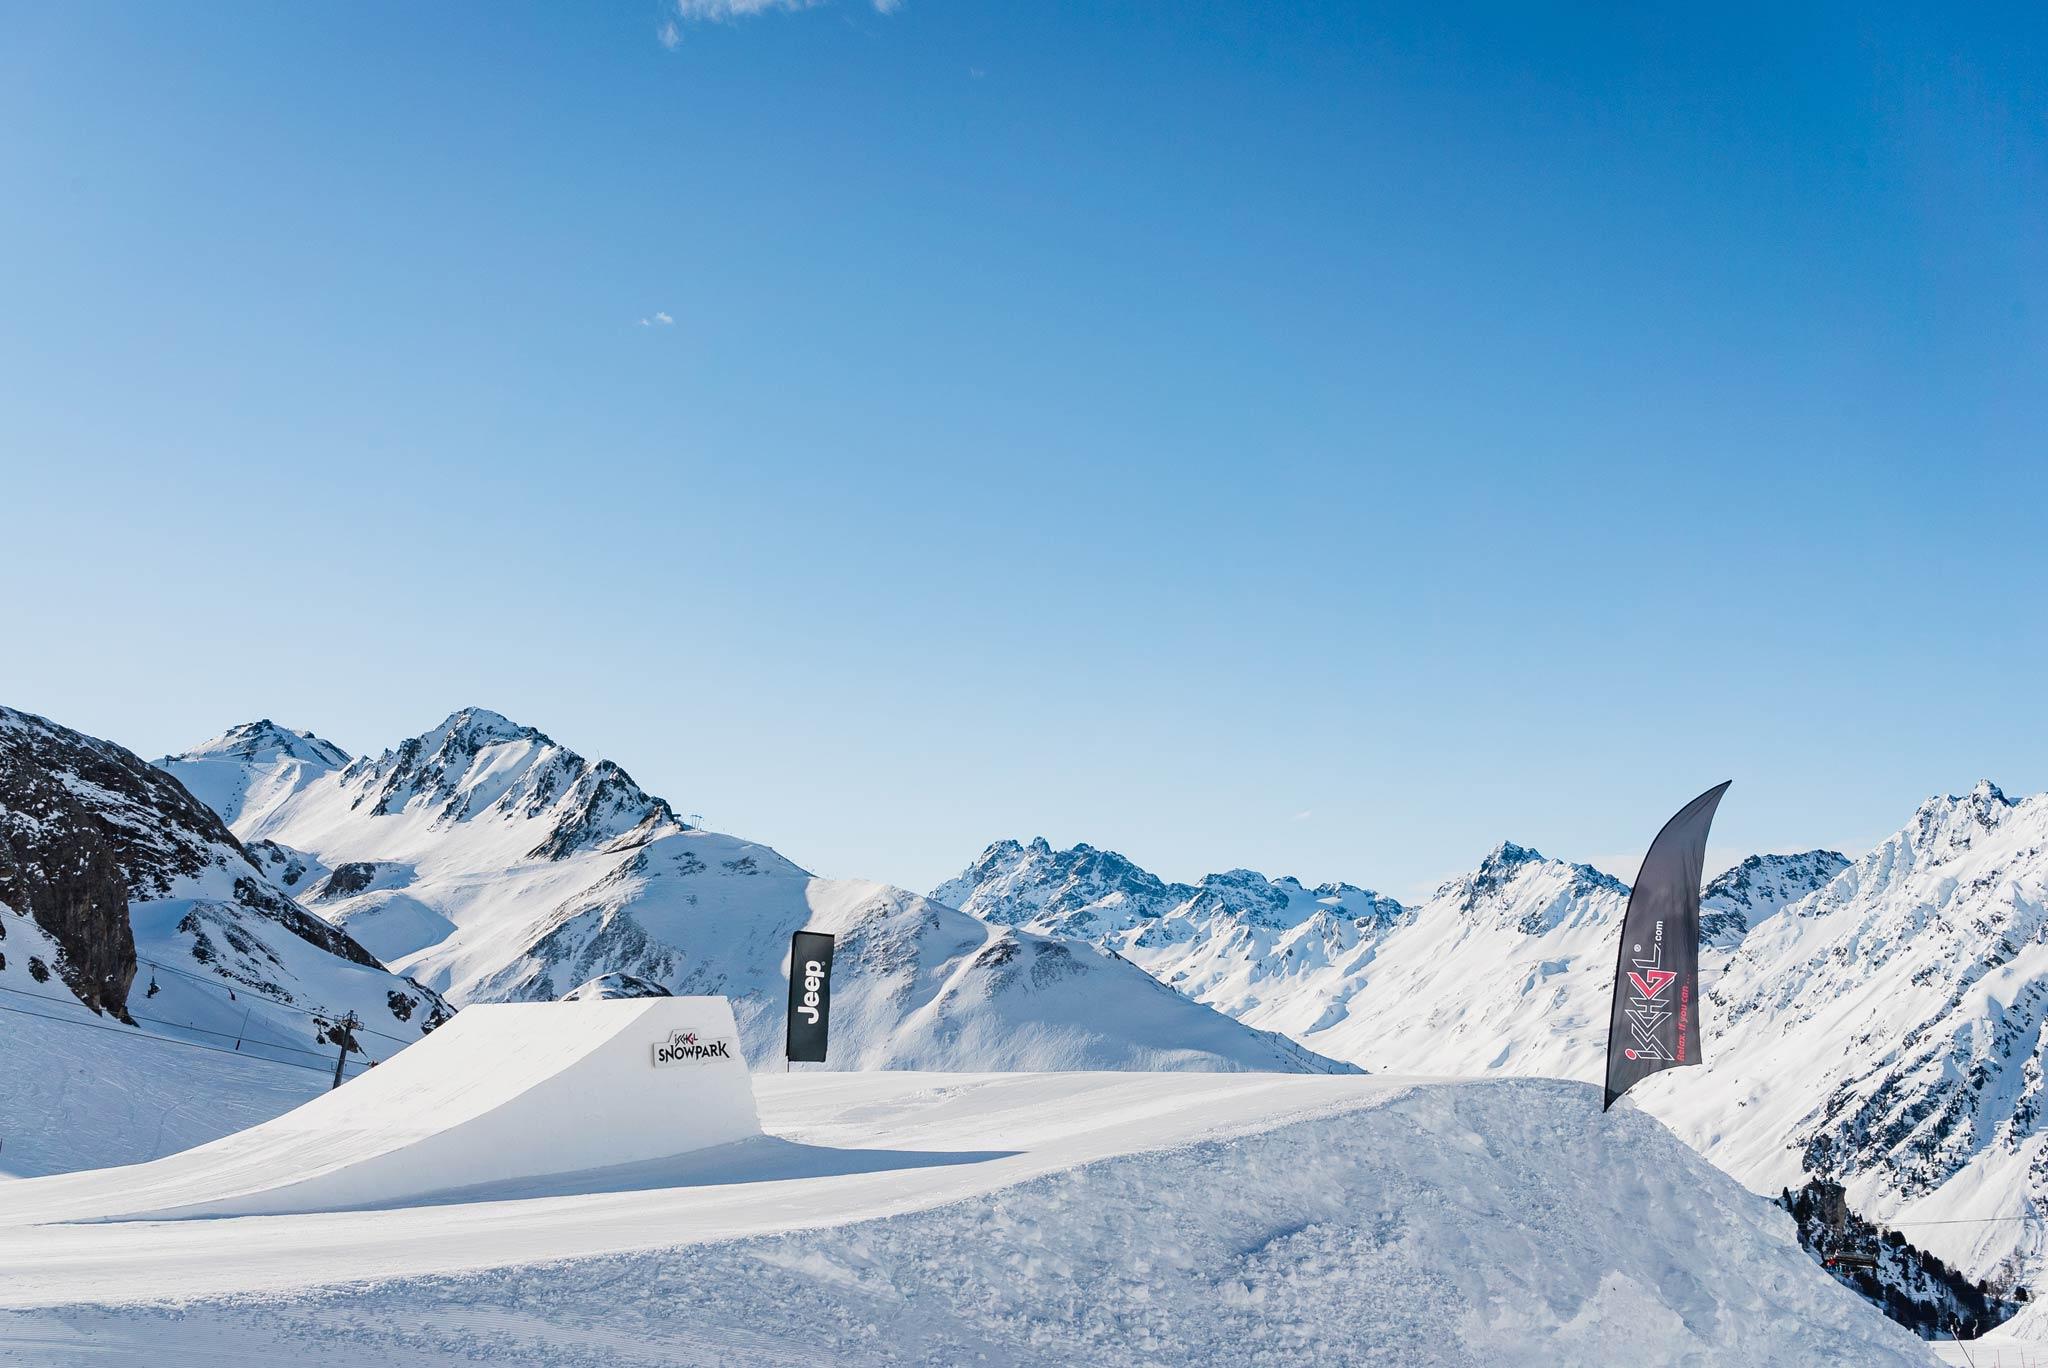 Steht äußerst fein da und das Panorama gibt es gratis oben drauf: Die Medium/Pro Kicker Line in Ischgl.